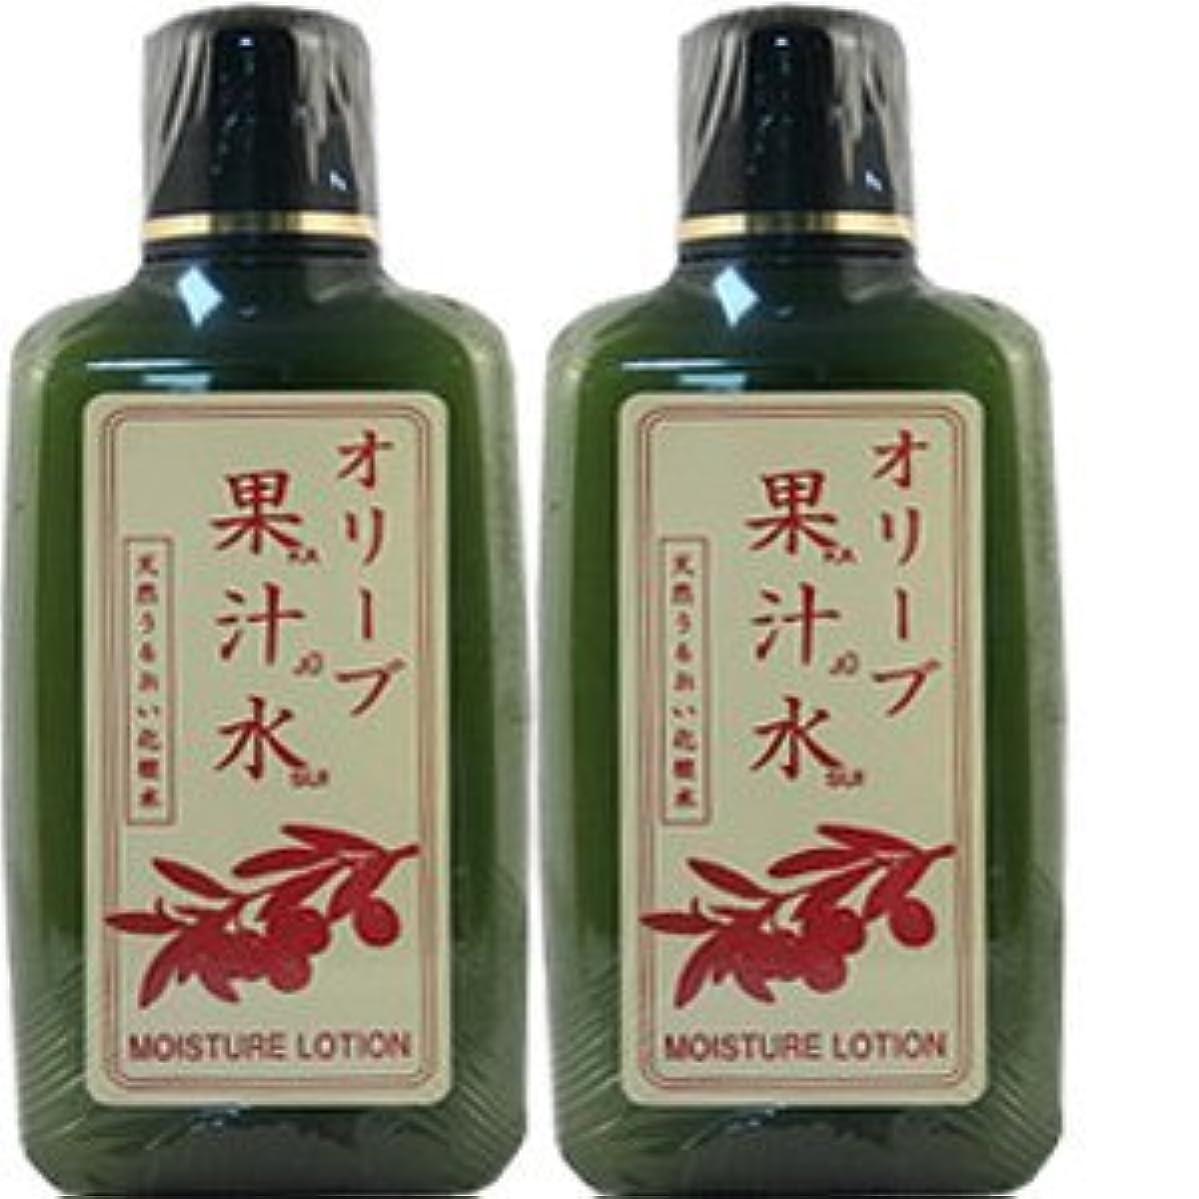 つかいます前置詞天皇【2本】 オリーブマノン オリーブ果汁水 180mlx2個(4965363003982)